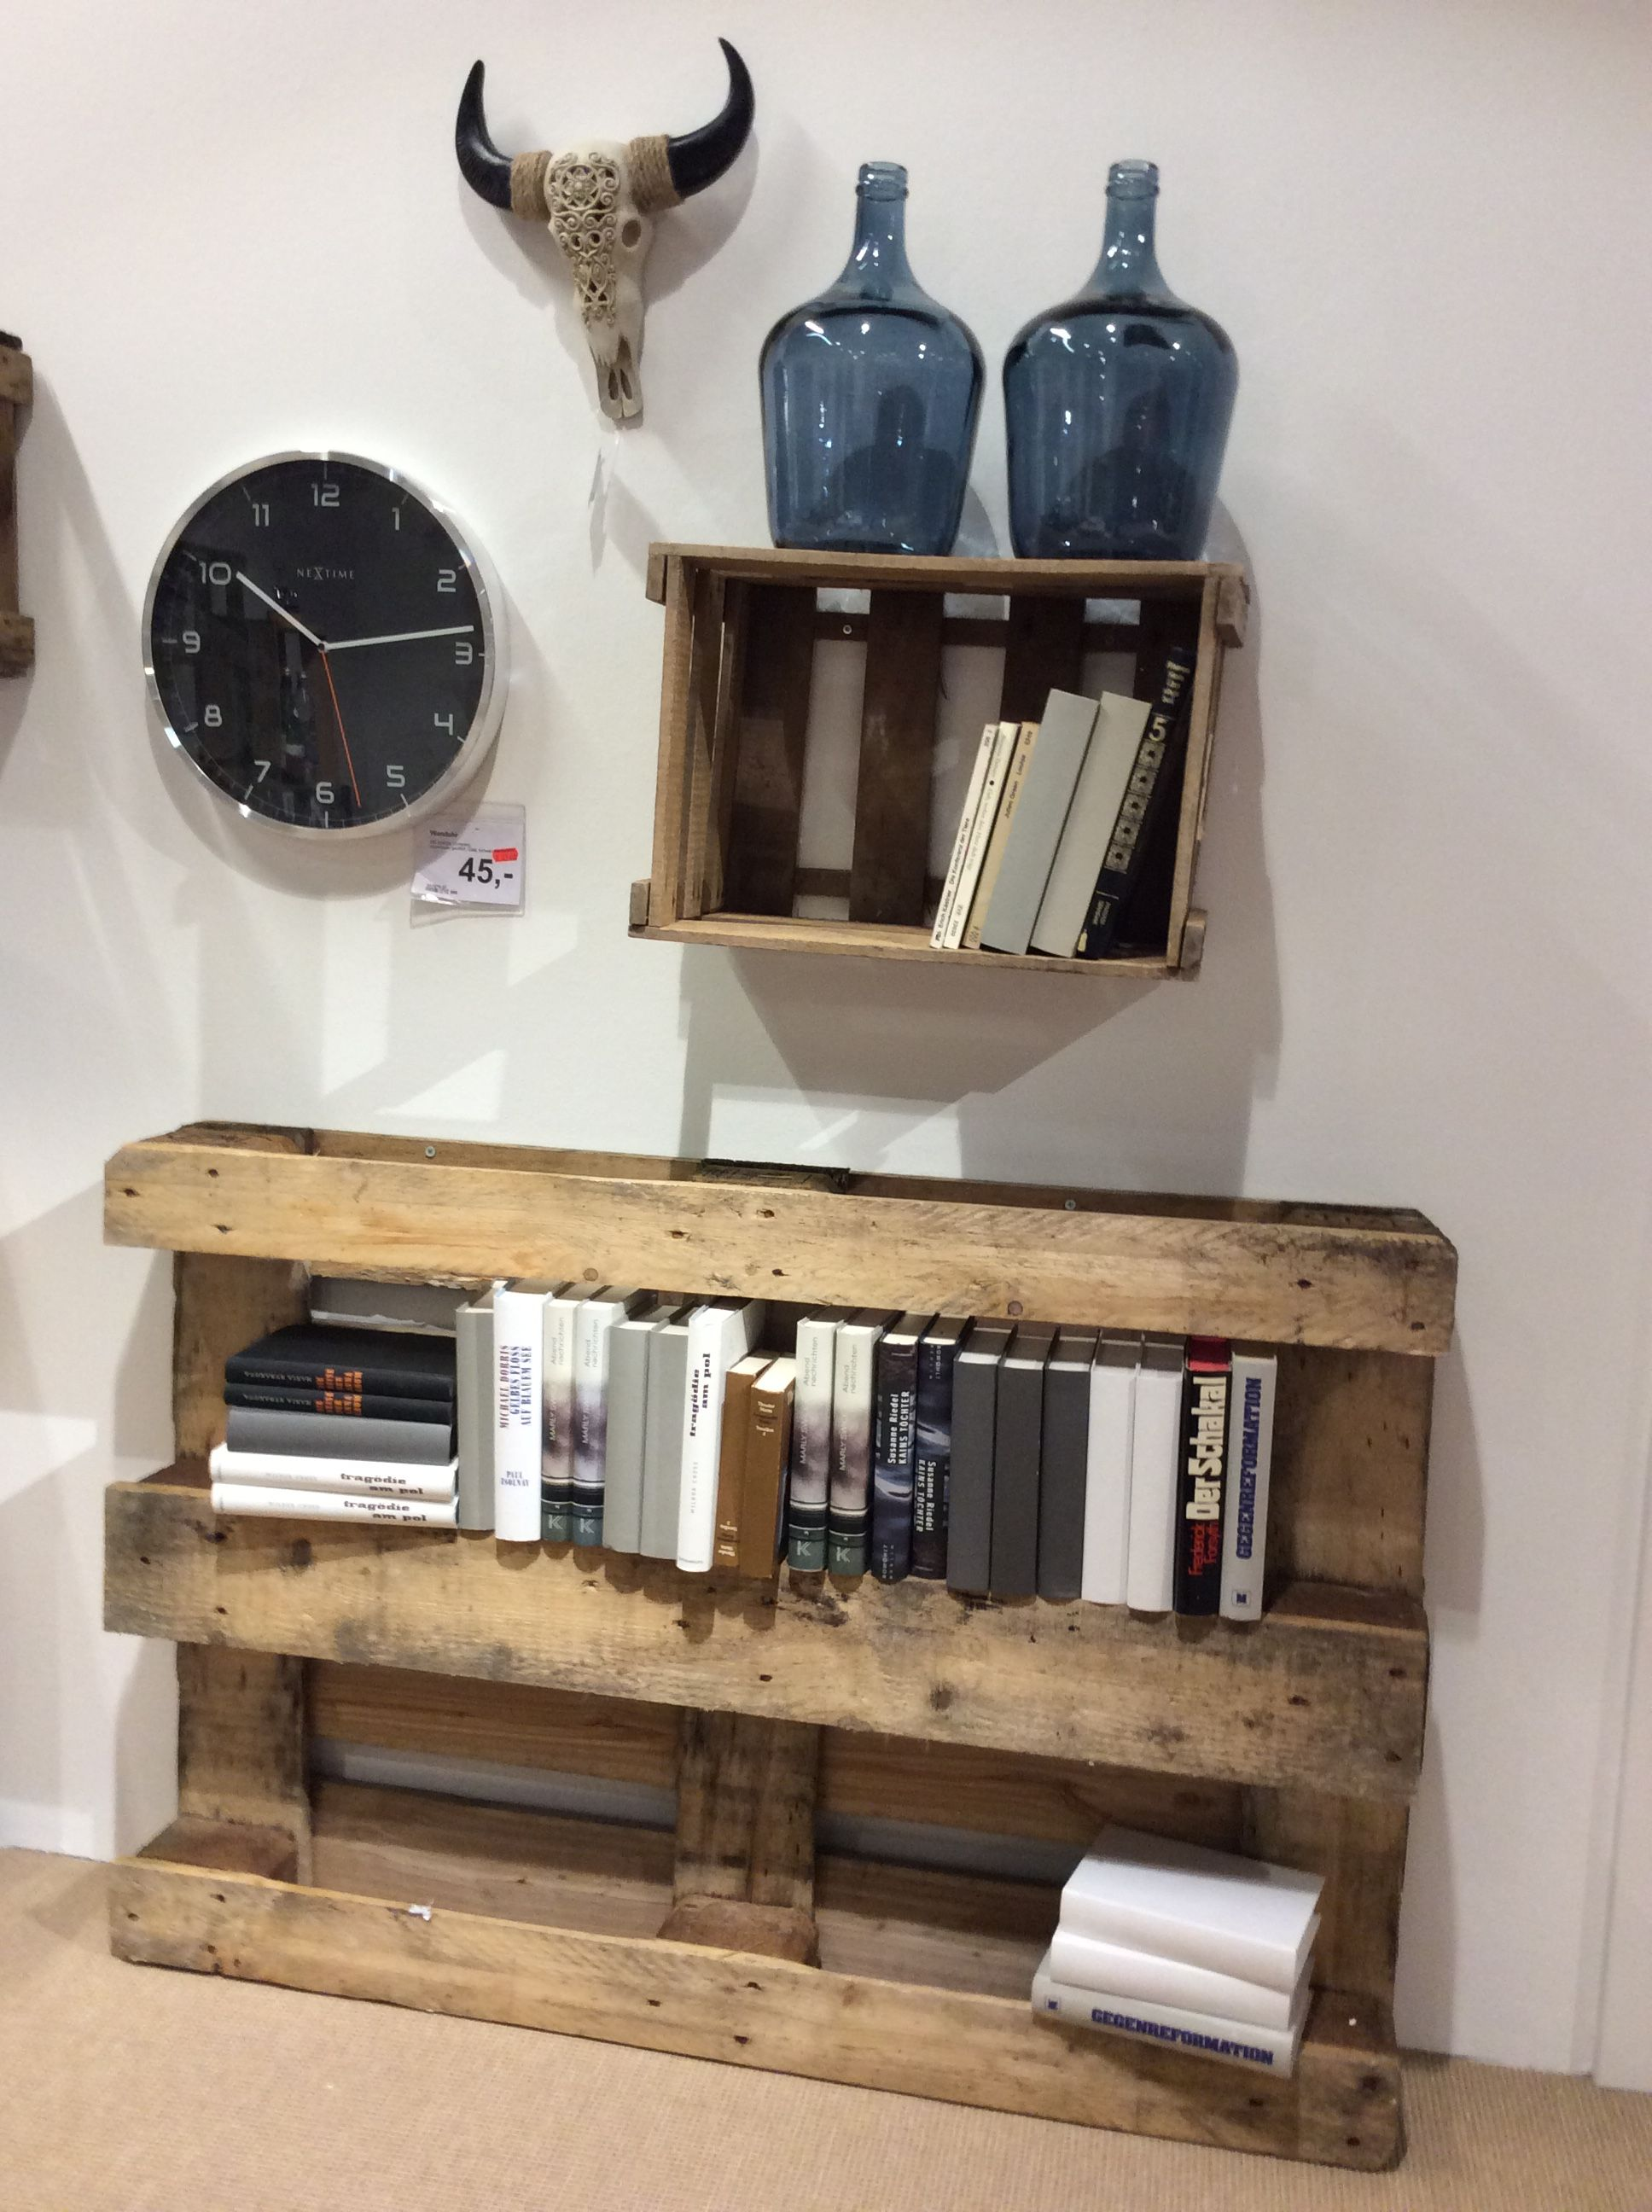 Delightful Bücherregal Aus Paletten #DYI #Palettenmöbel #Book Great Ideas